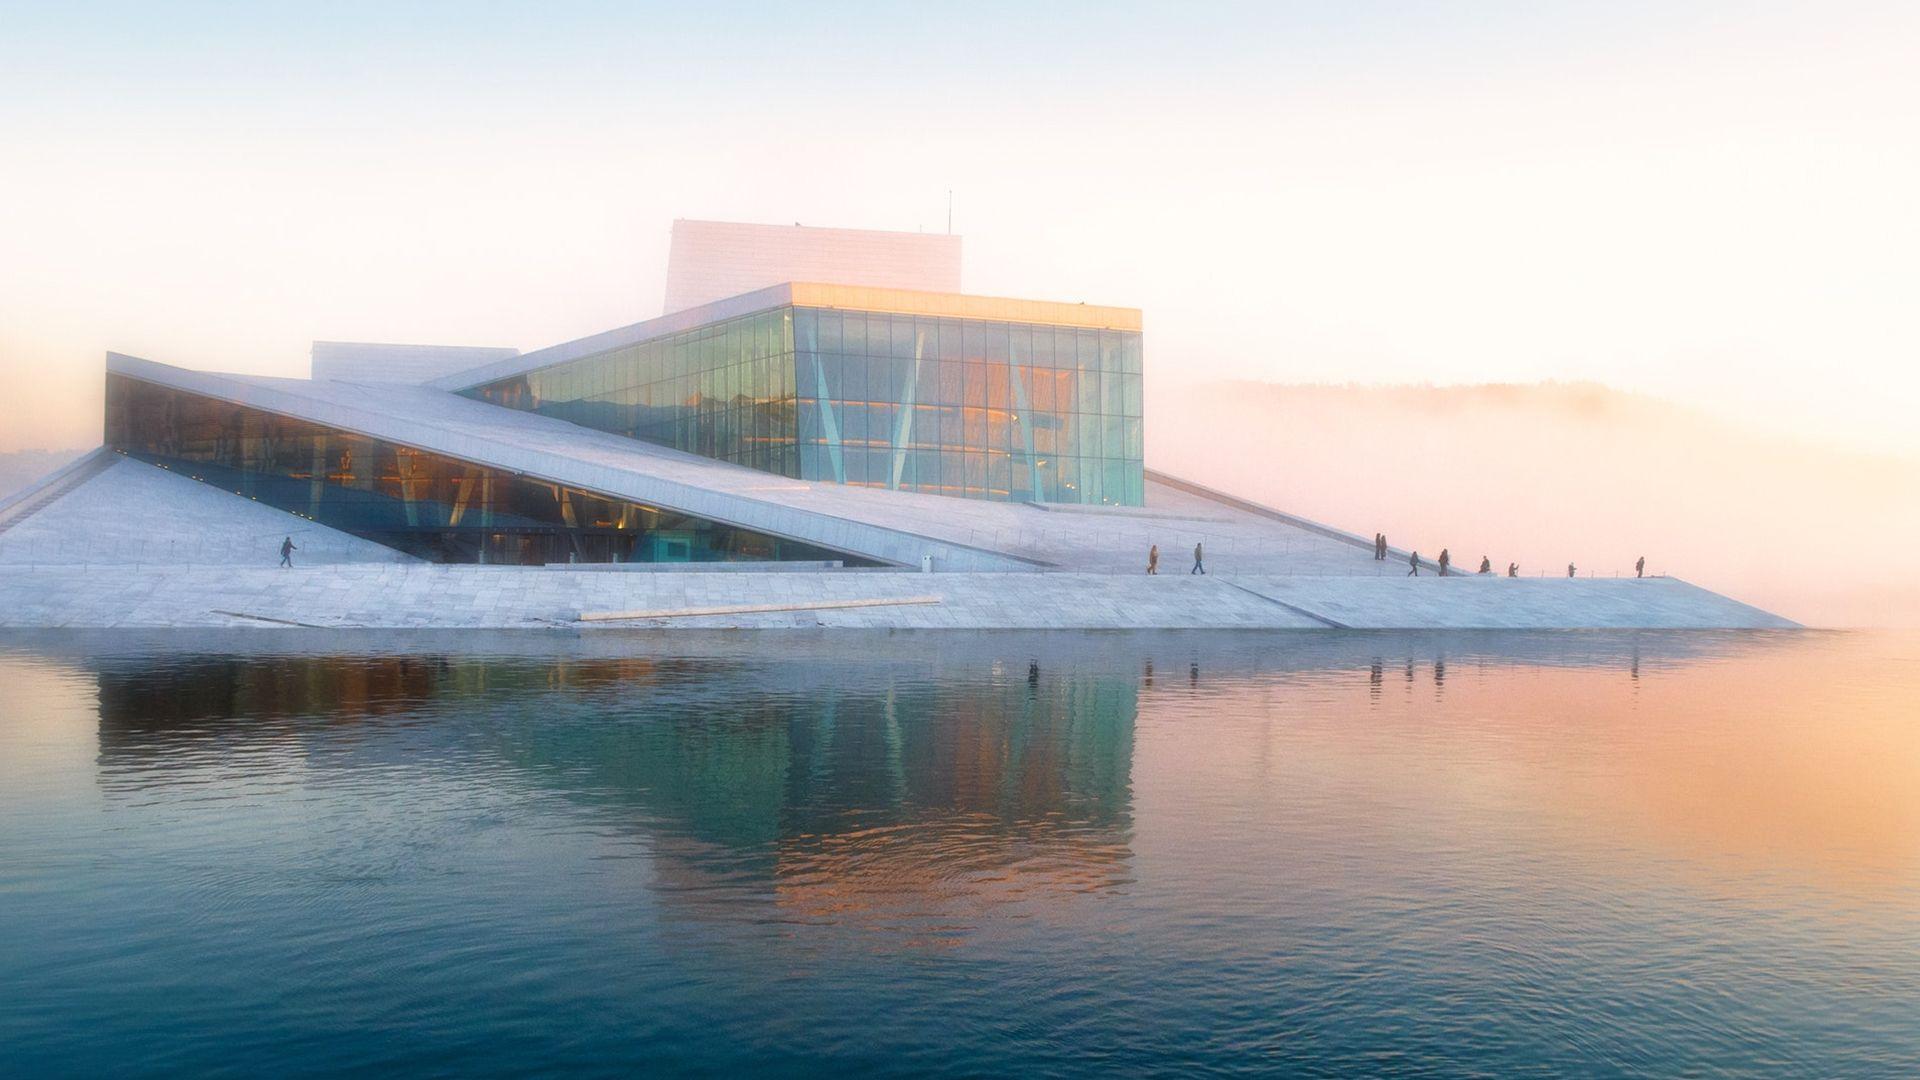 Palazzo dell'Opera di Oslo